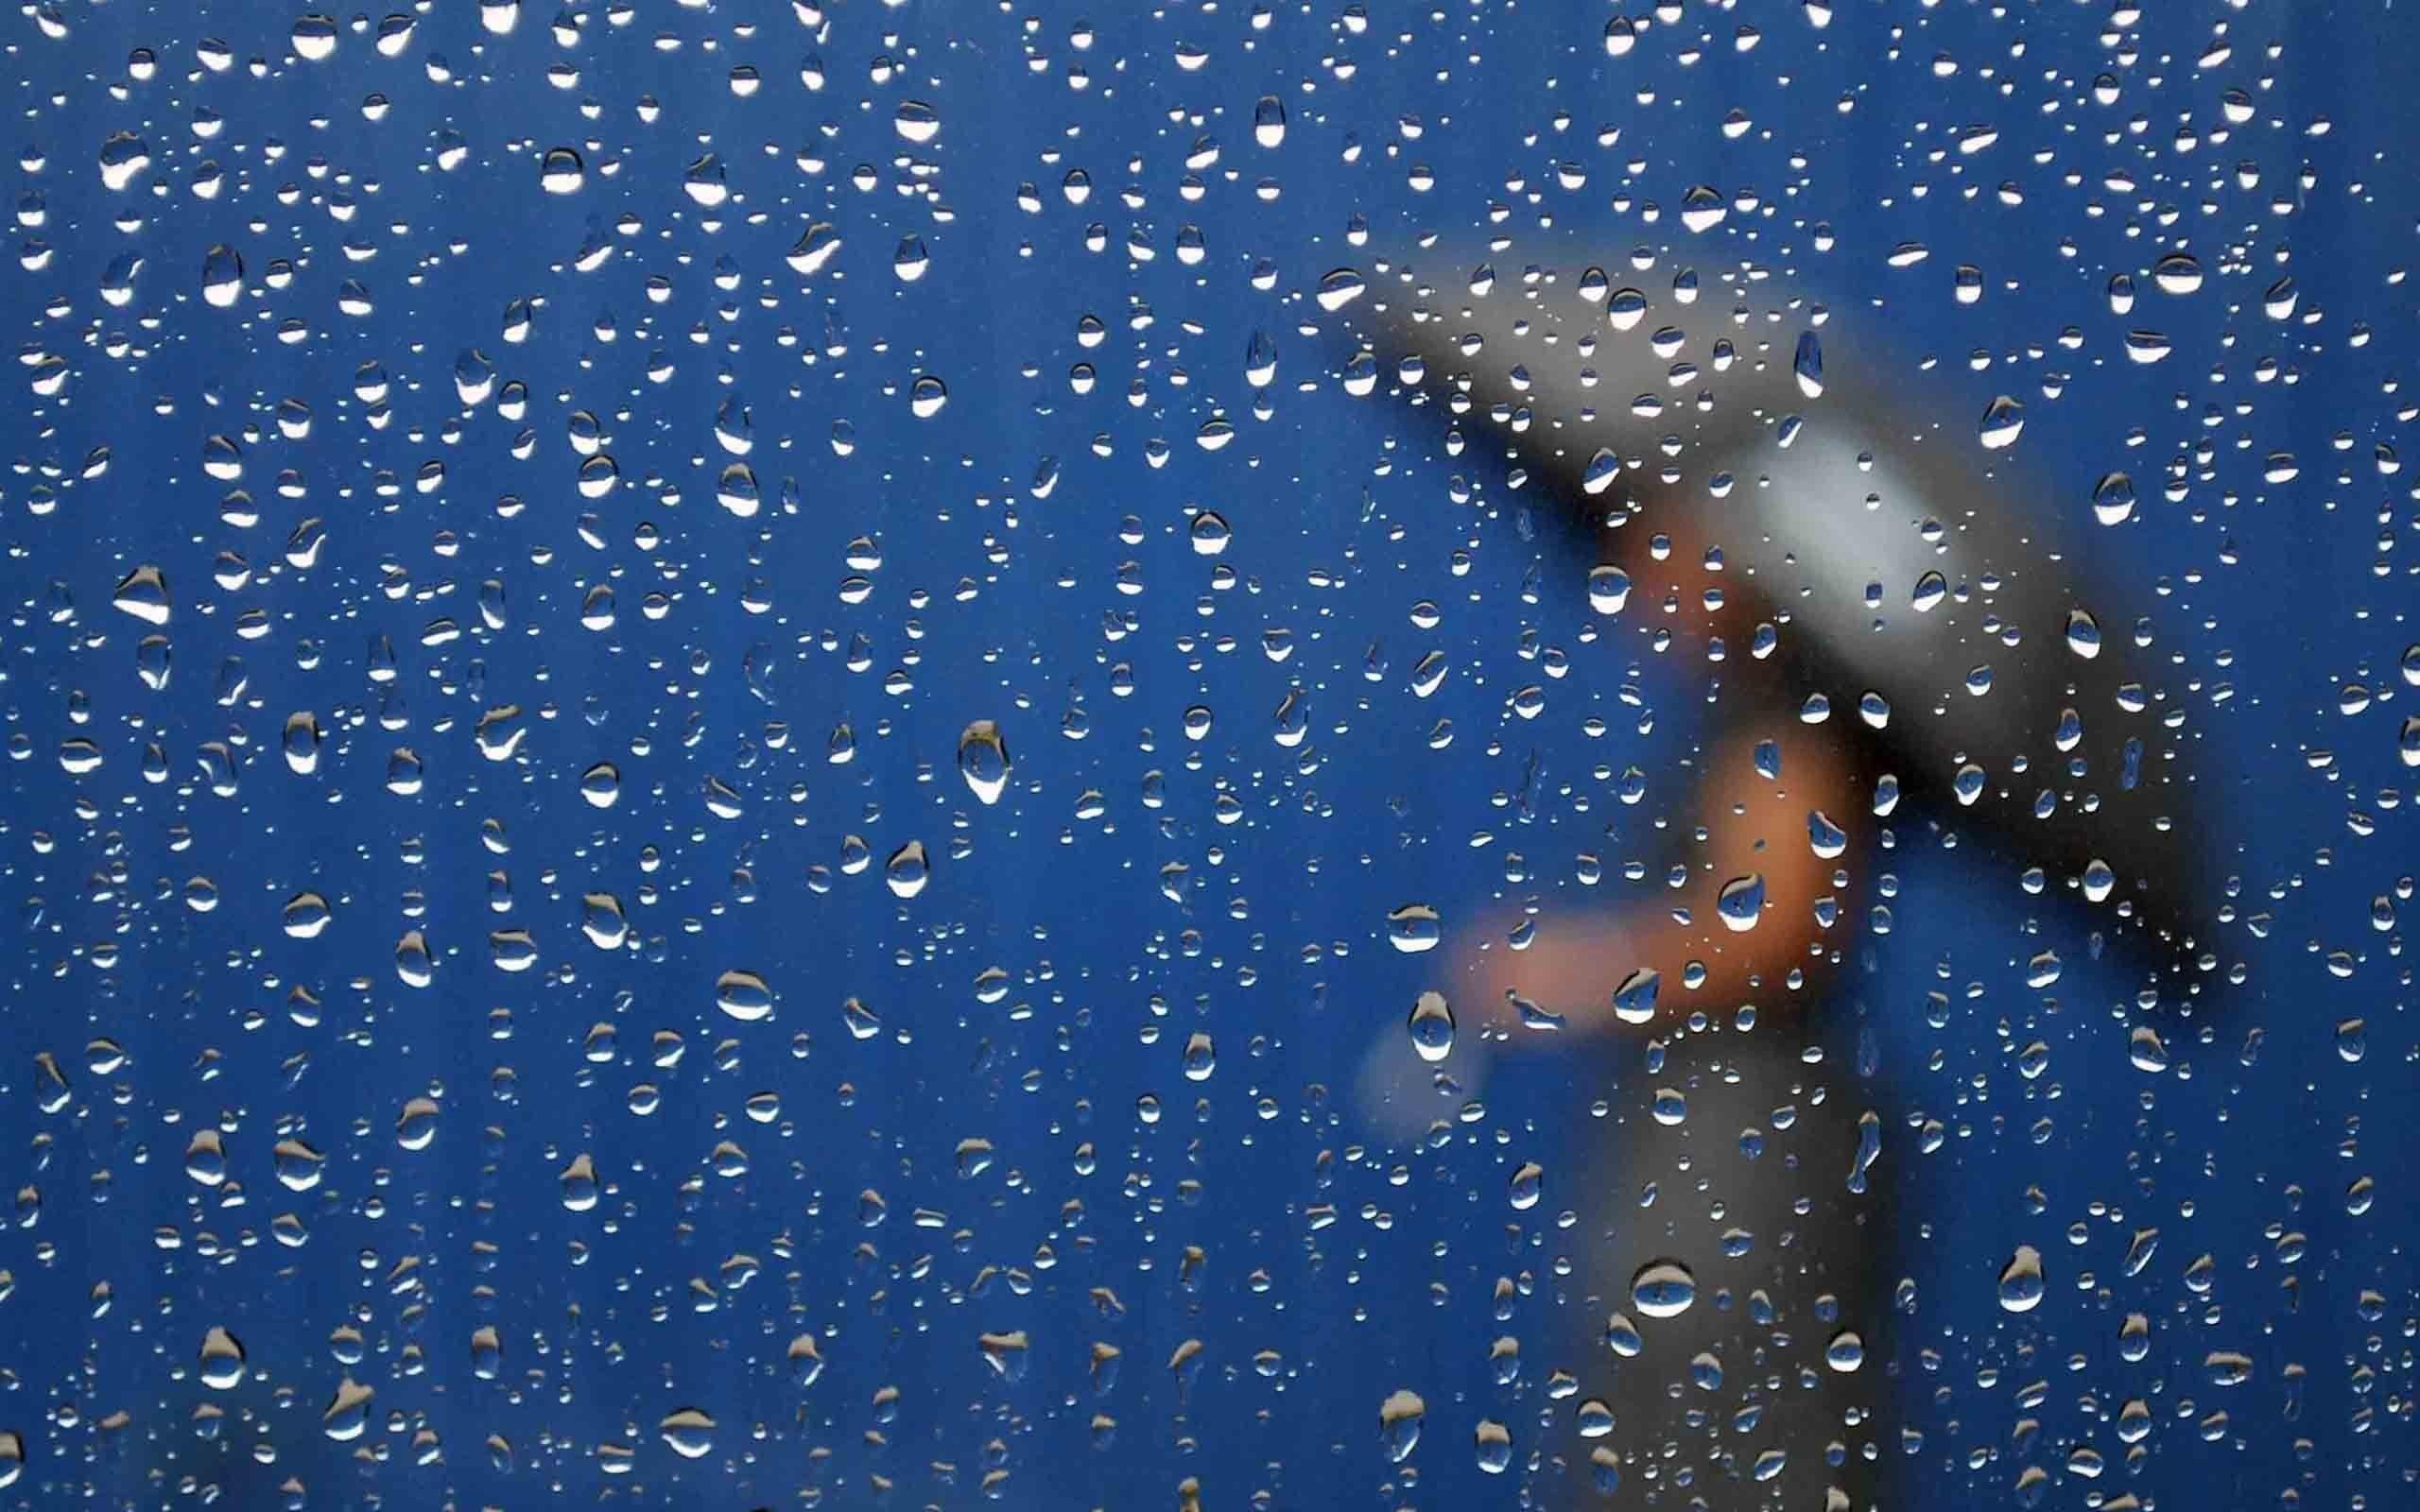 Raindrop Wallpapers, Live Raindrop Wallpapers, YZ66 Raindrop Backgrounds